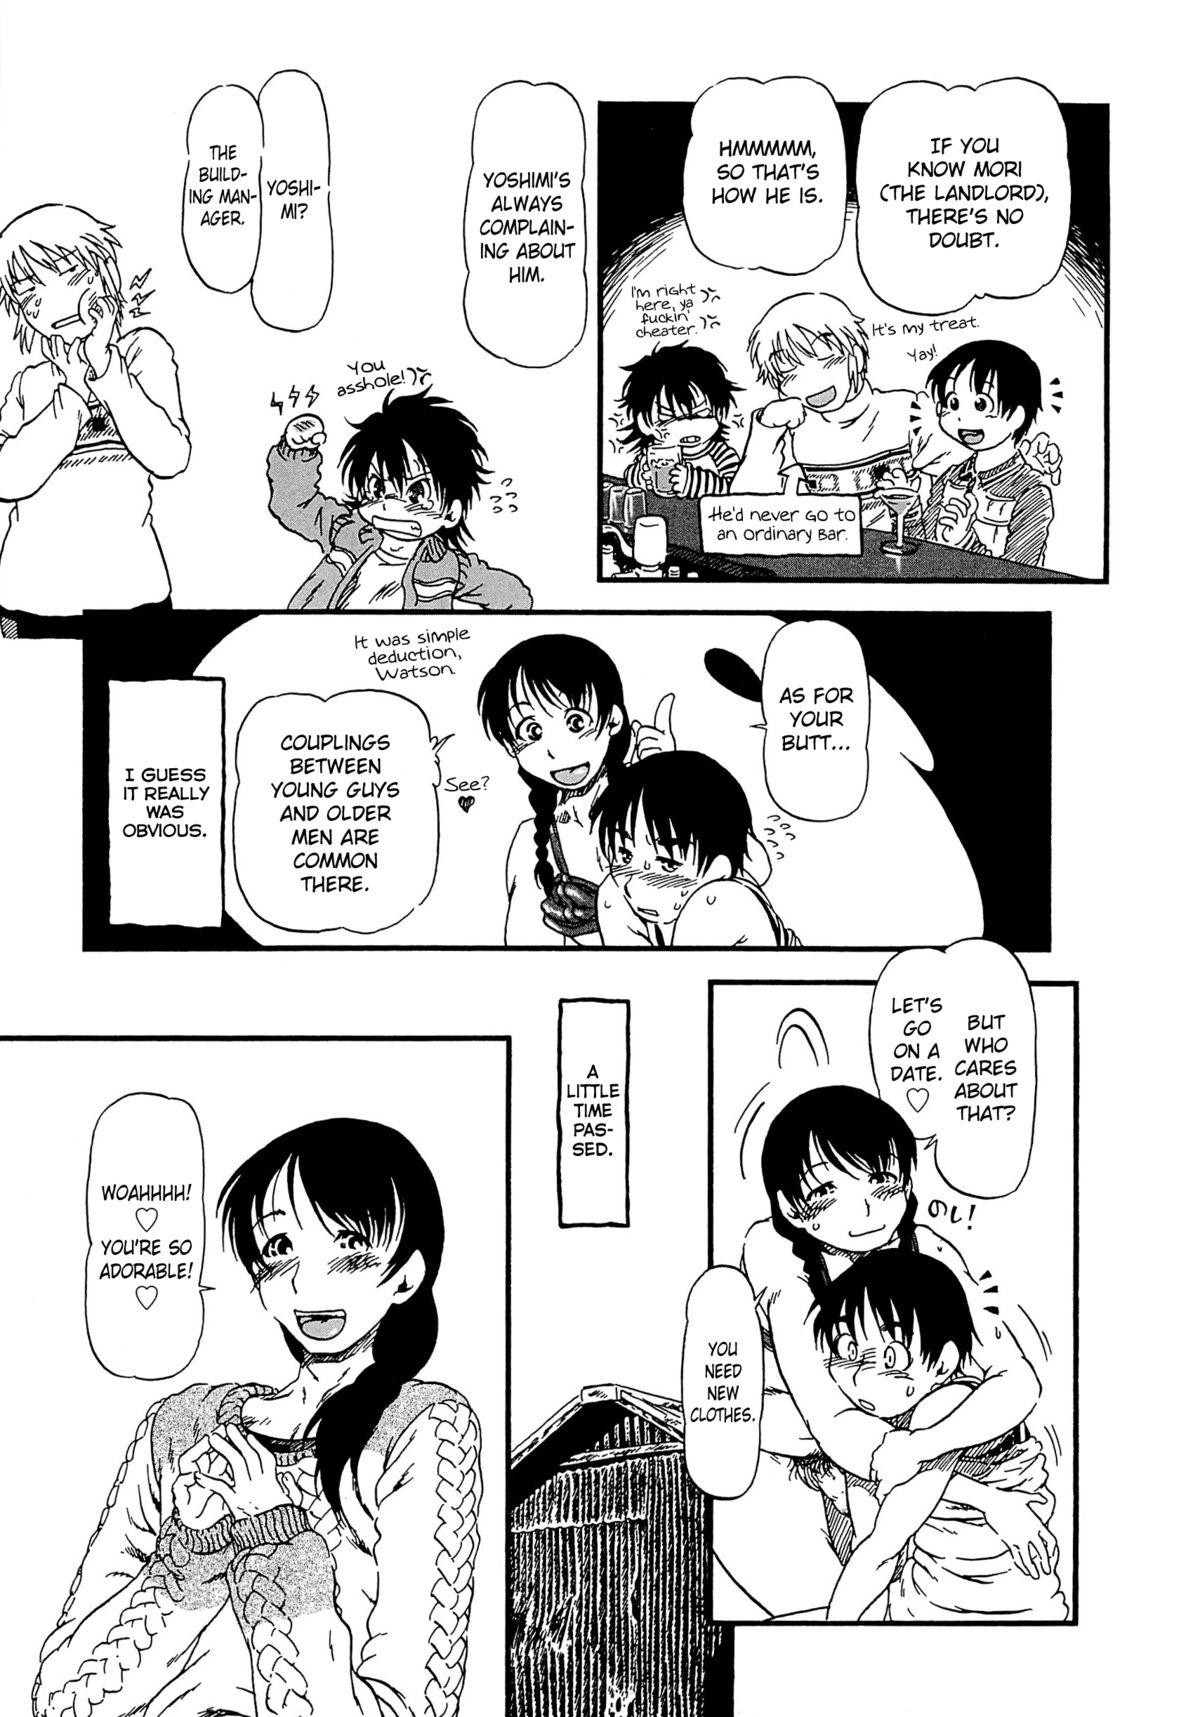 [Horihone Saizou] Molly House #1 ~Shitagi de Iyarashiku~   Molly House 1 ~Naughty in Underwear~ (Kawaii Boku) [English] =Short Wharf= 26